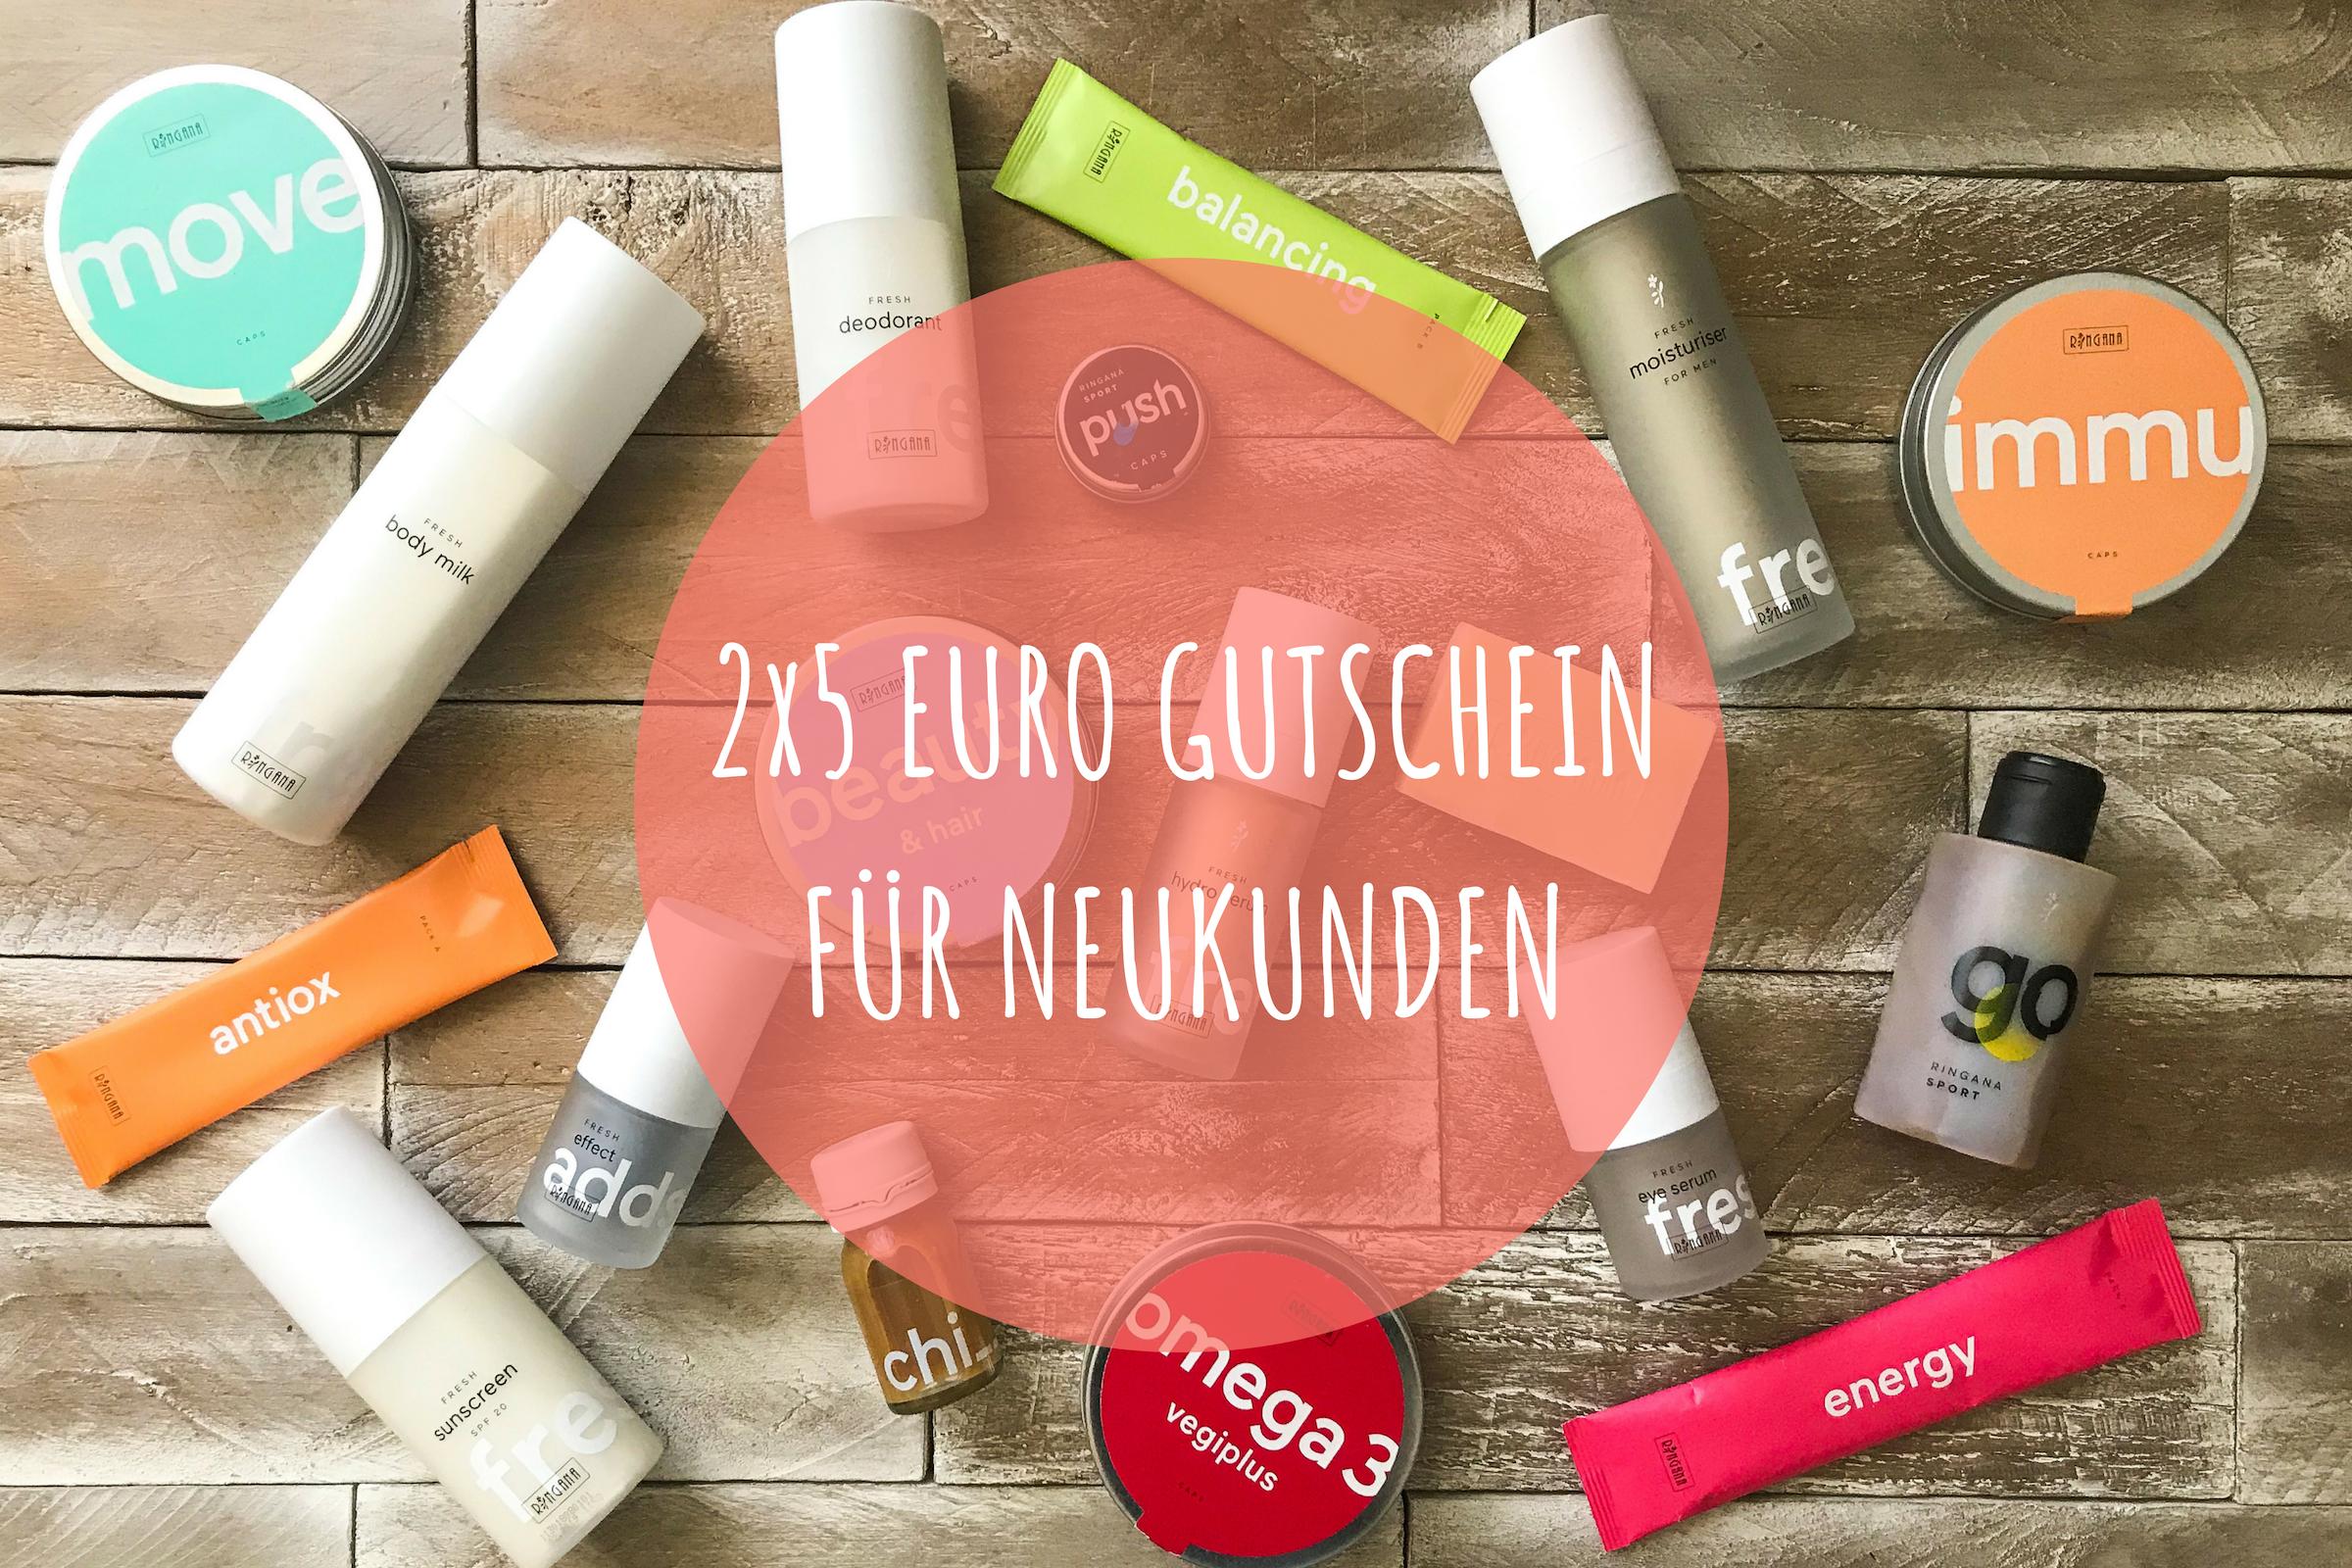 Hol Dir Deinen 2x5 Euro Gutschein als Neukunde - Foto by Inslamigo